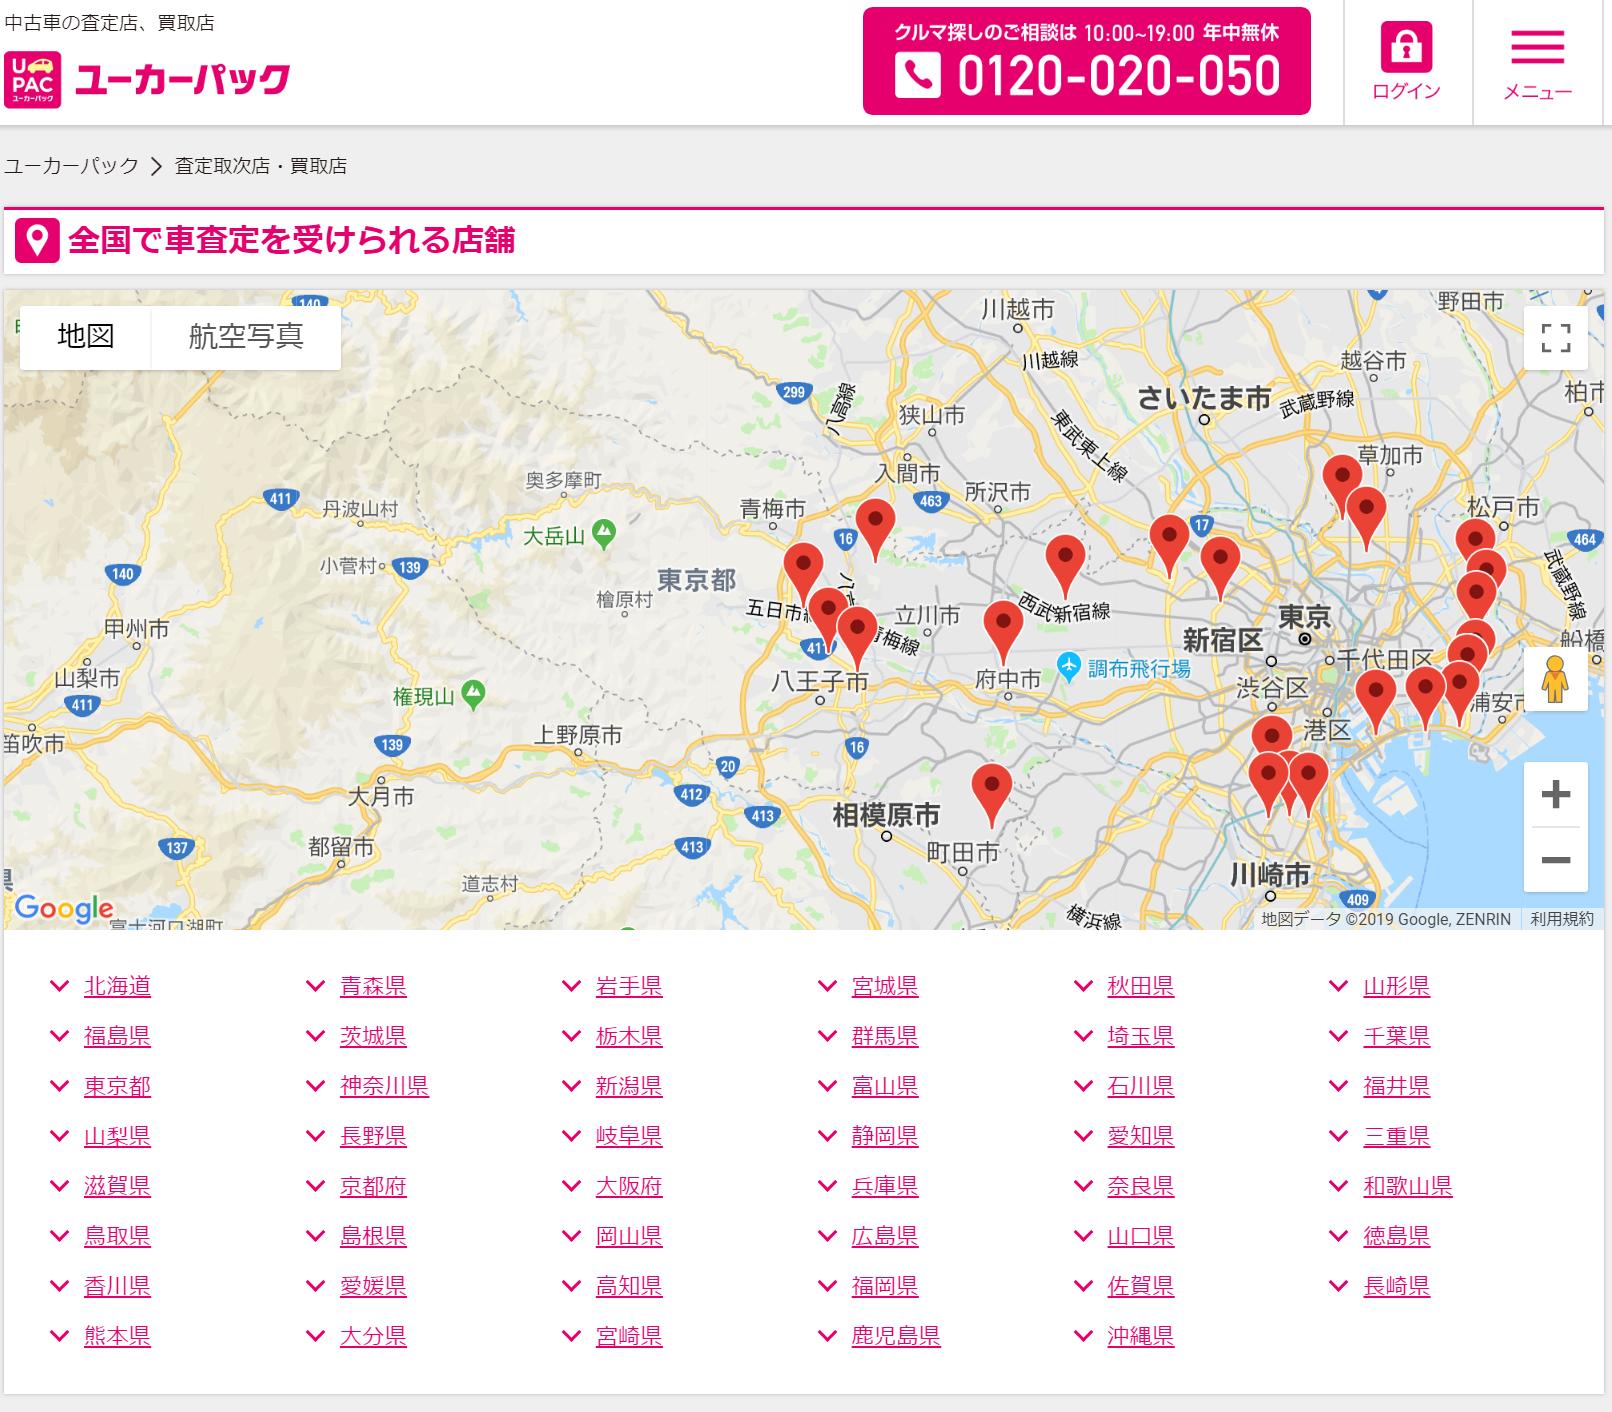 宮城県提携ステンド地図